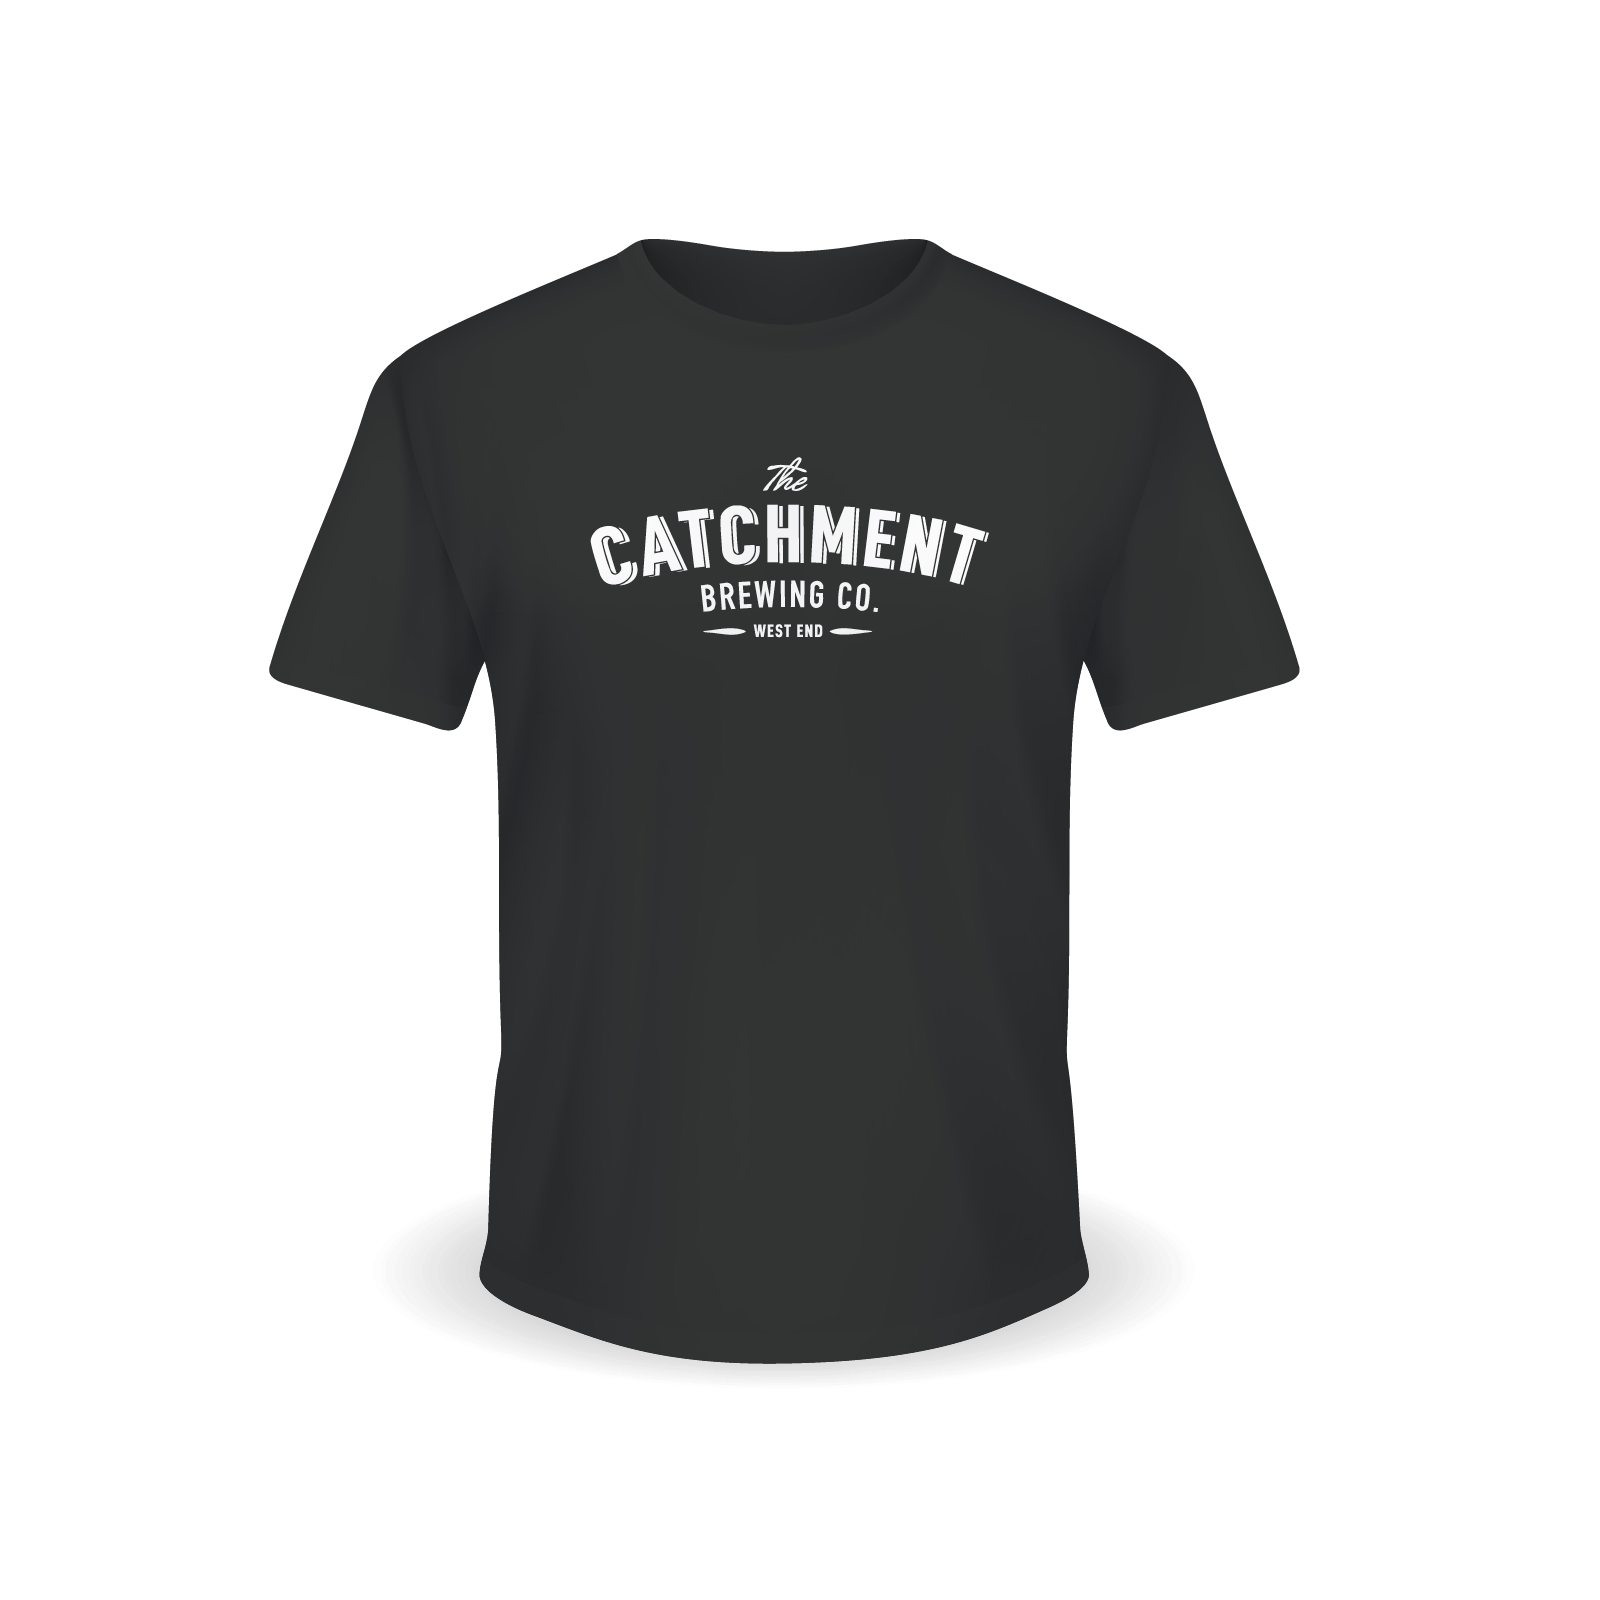 Catchment T-Shirt